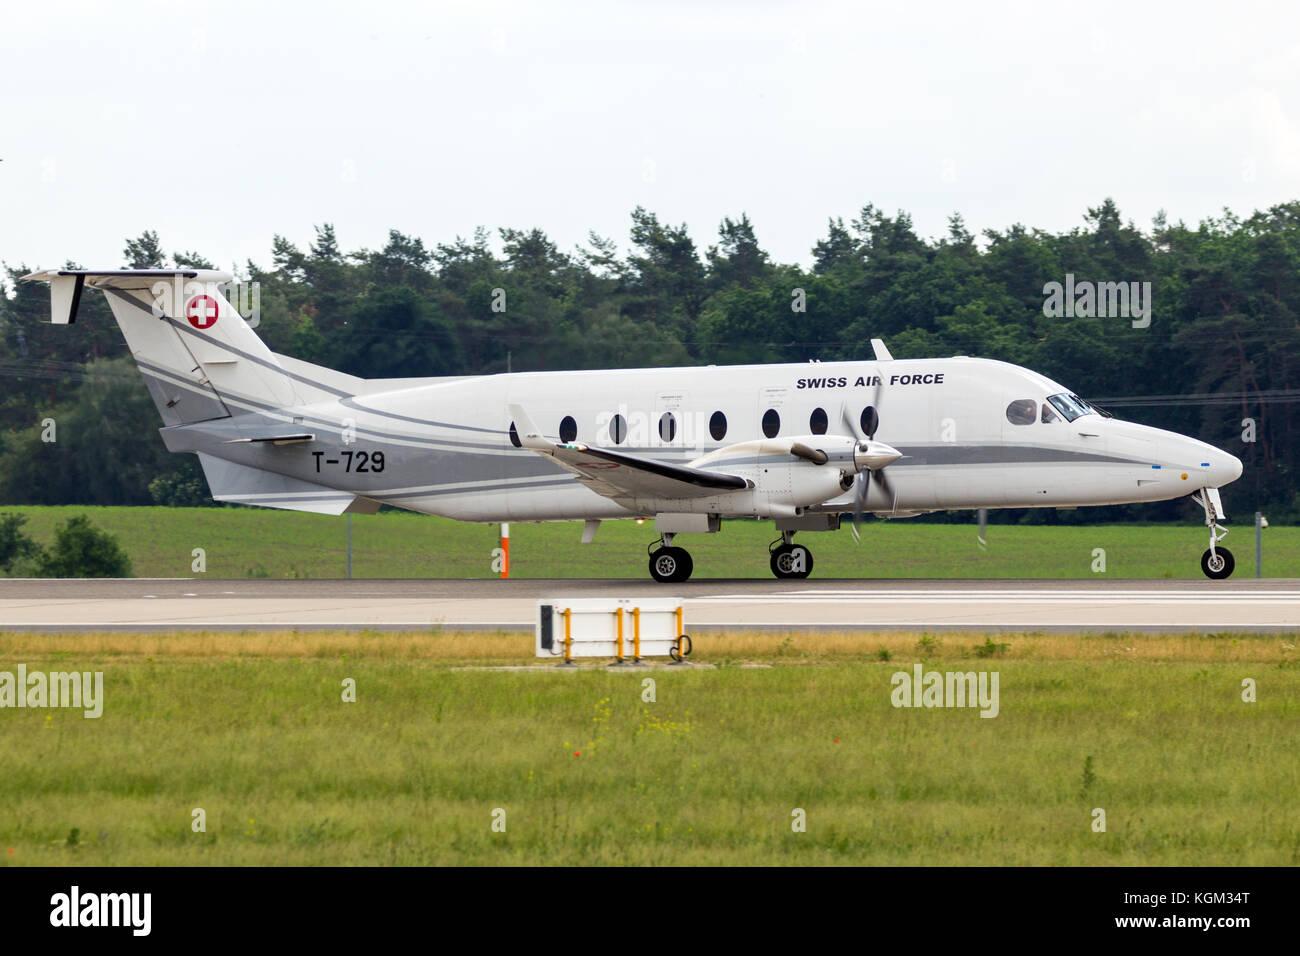 BERLIN - JUN 2, 2016: Swiss Air Force Beech 1900D plane landing at Berlin-Schoneveld airport - Stock Image